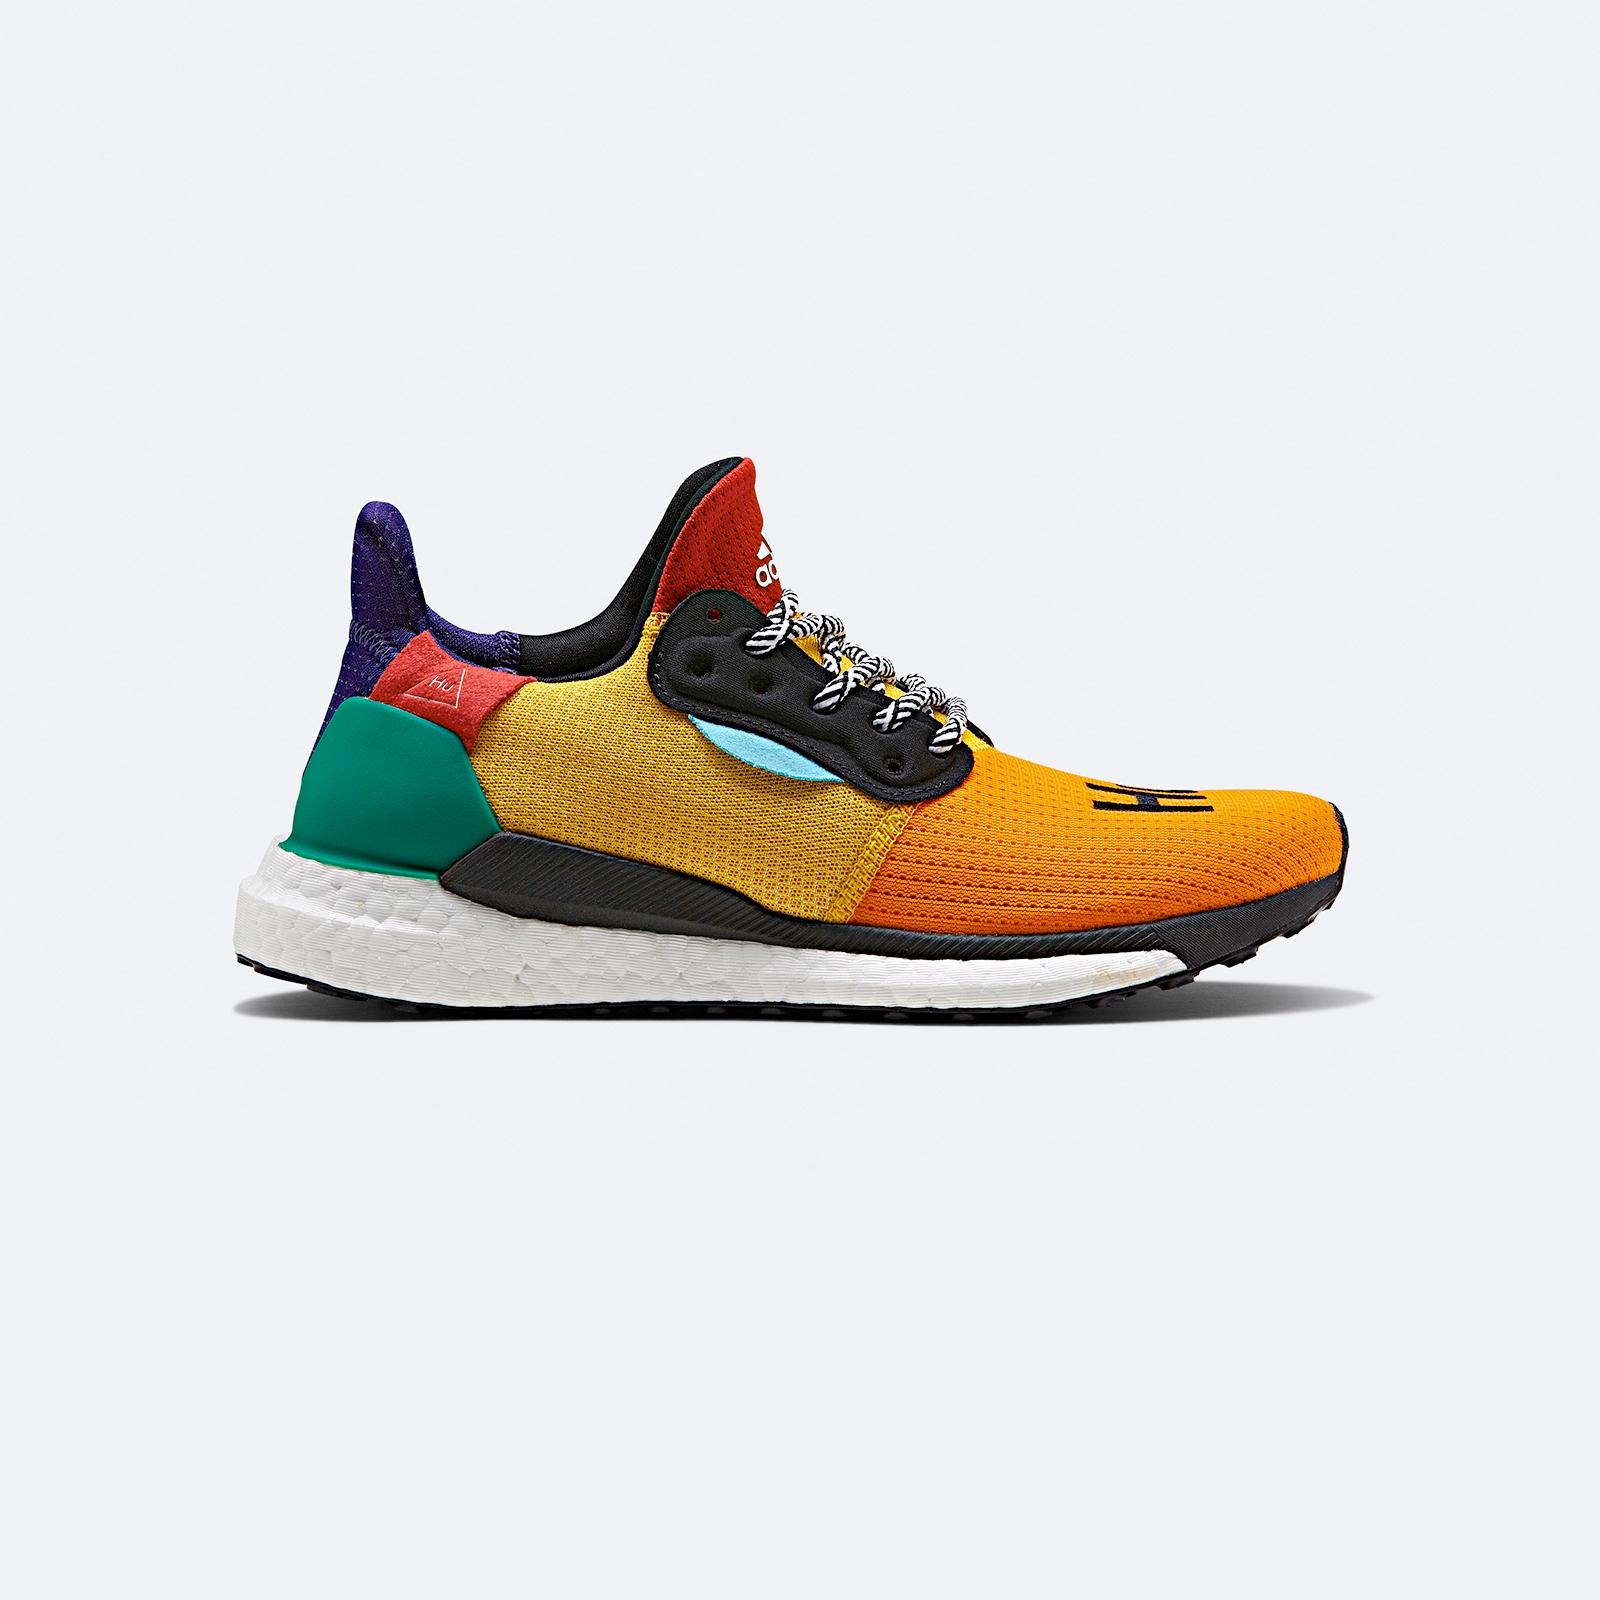 42a7f64a7ea29 adidas PW x HU Solar Glide - Bb8042 - Sneakersnstuff